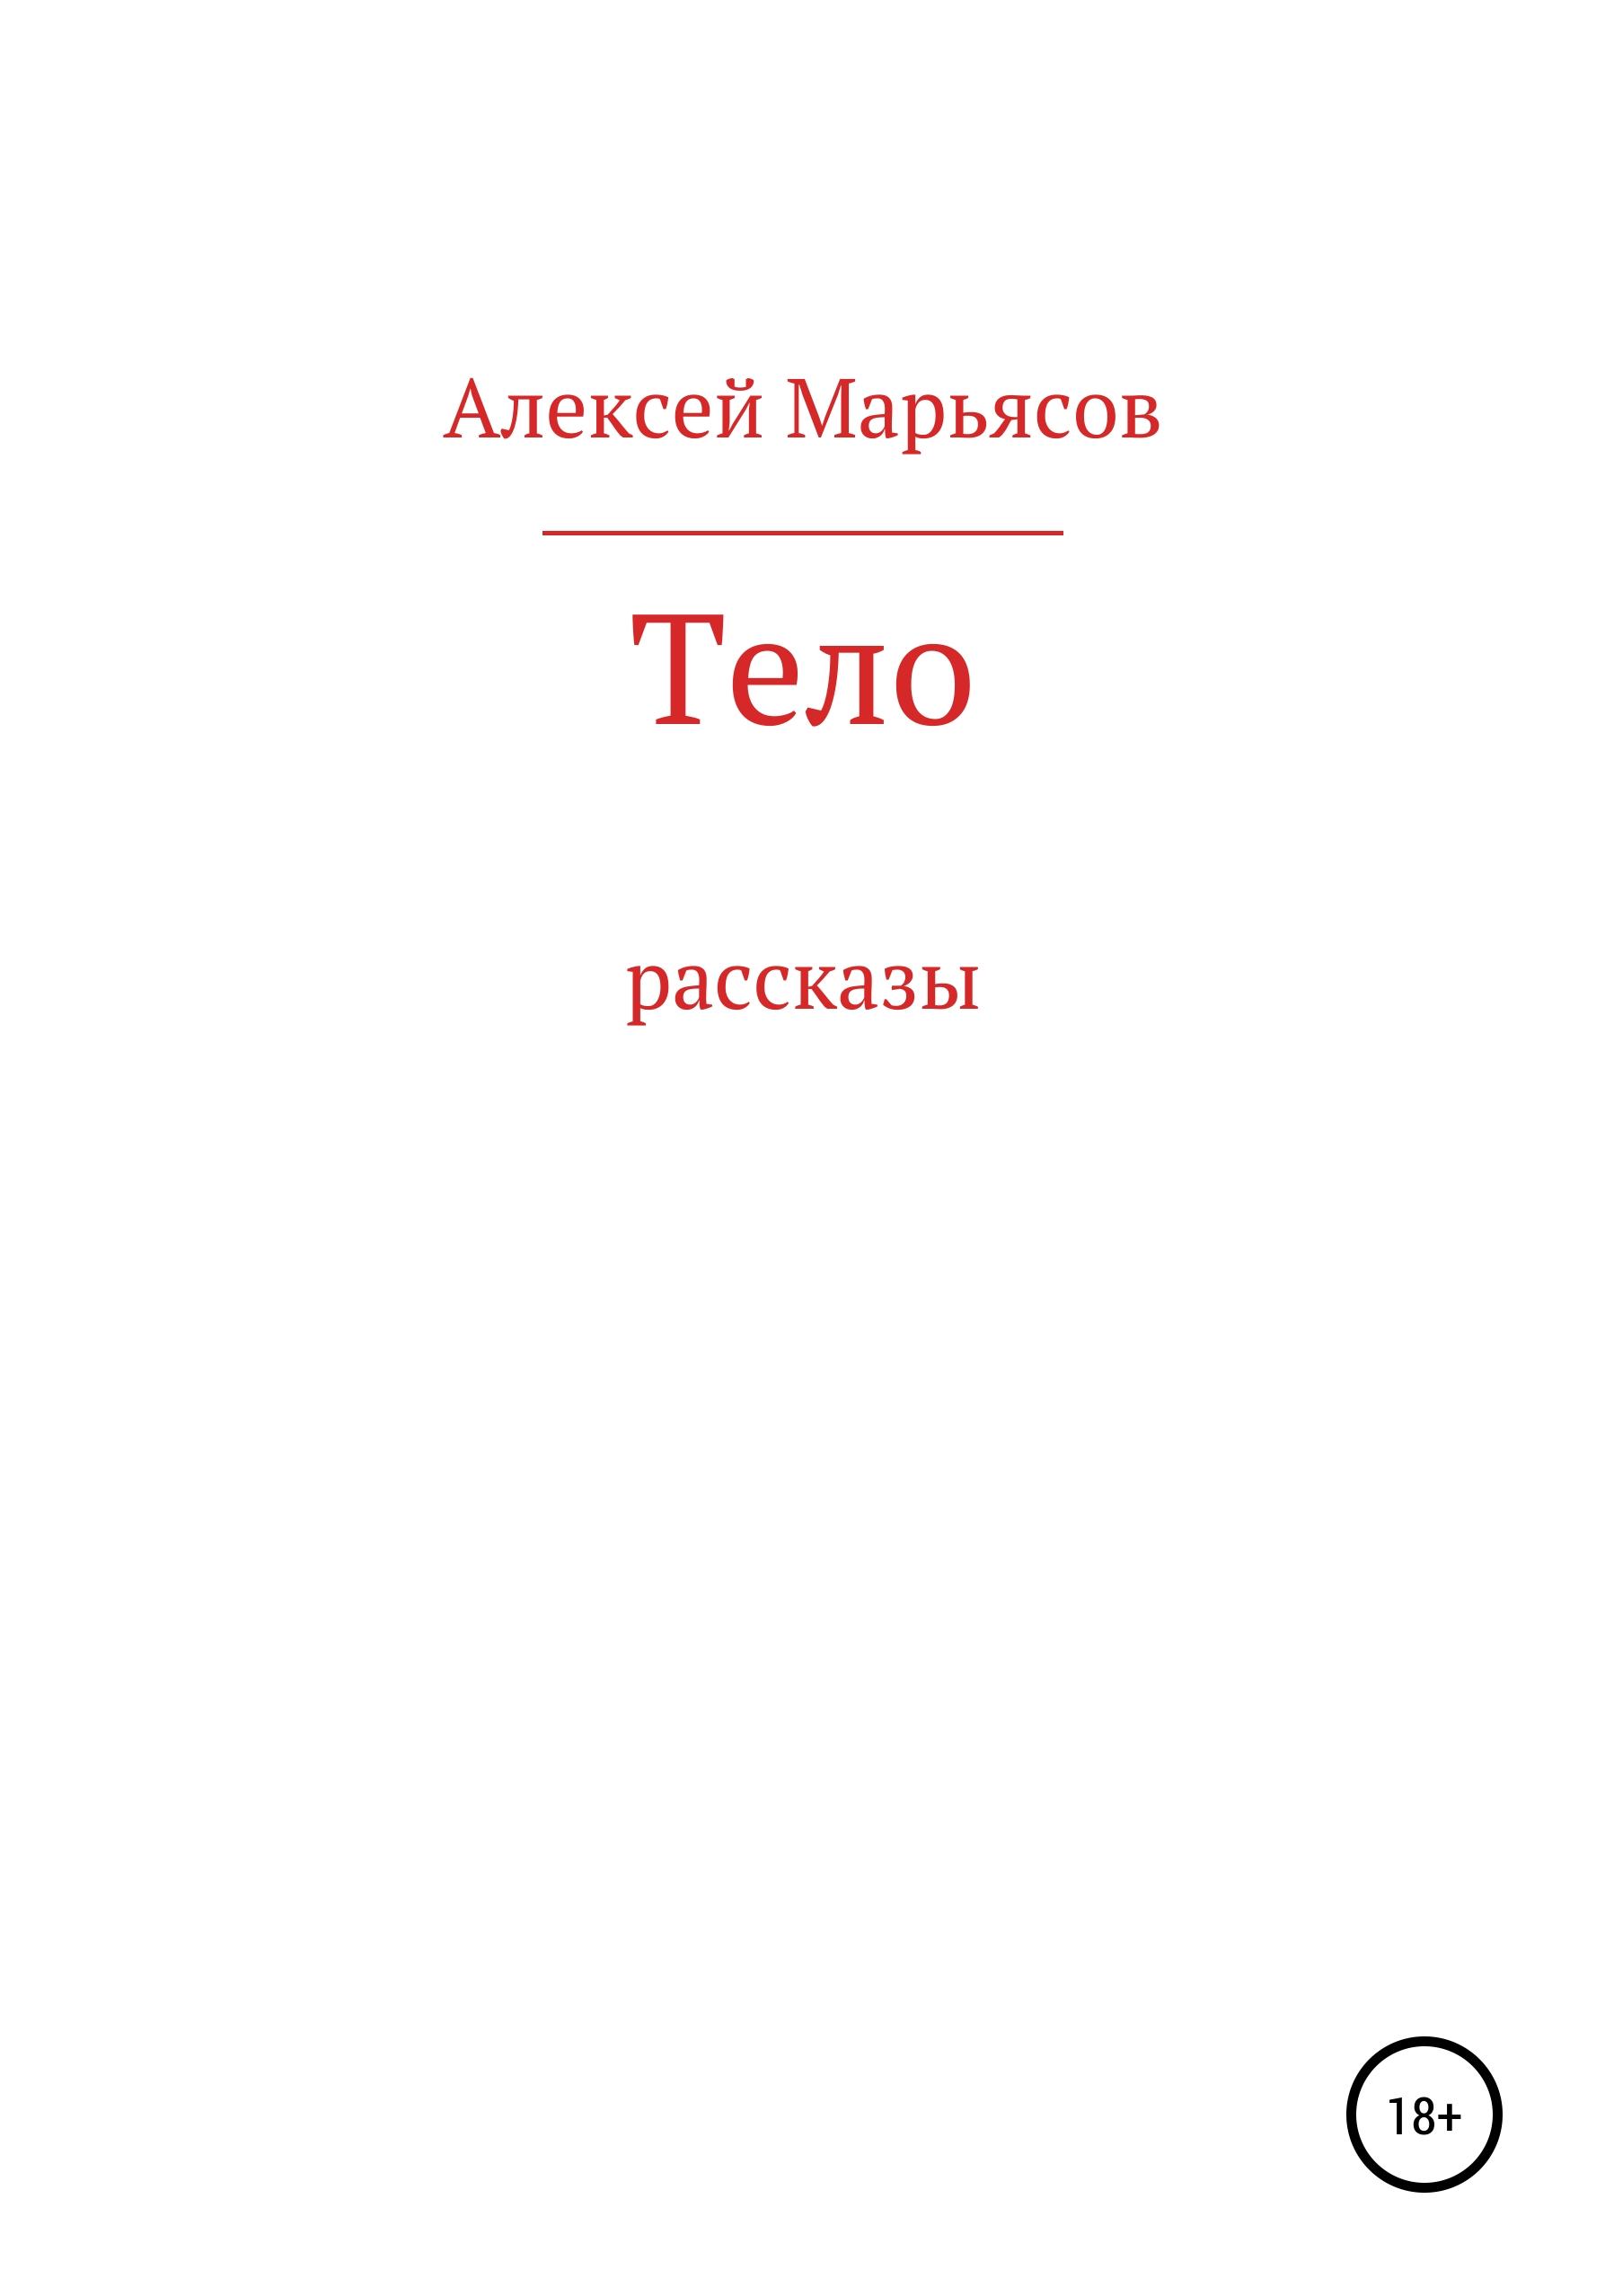 Алексей Марьясов Тело алексей николаевич загуляев три рассказа жизнь где то рядом…